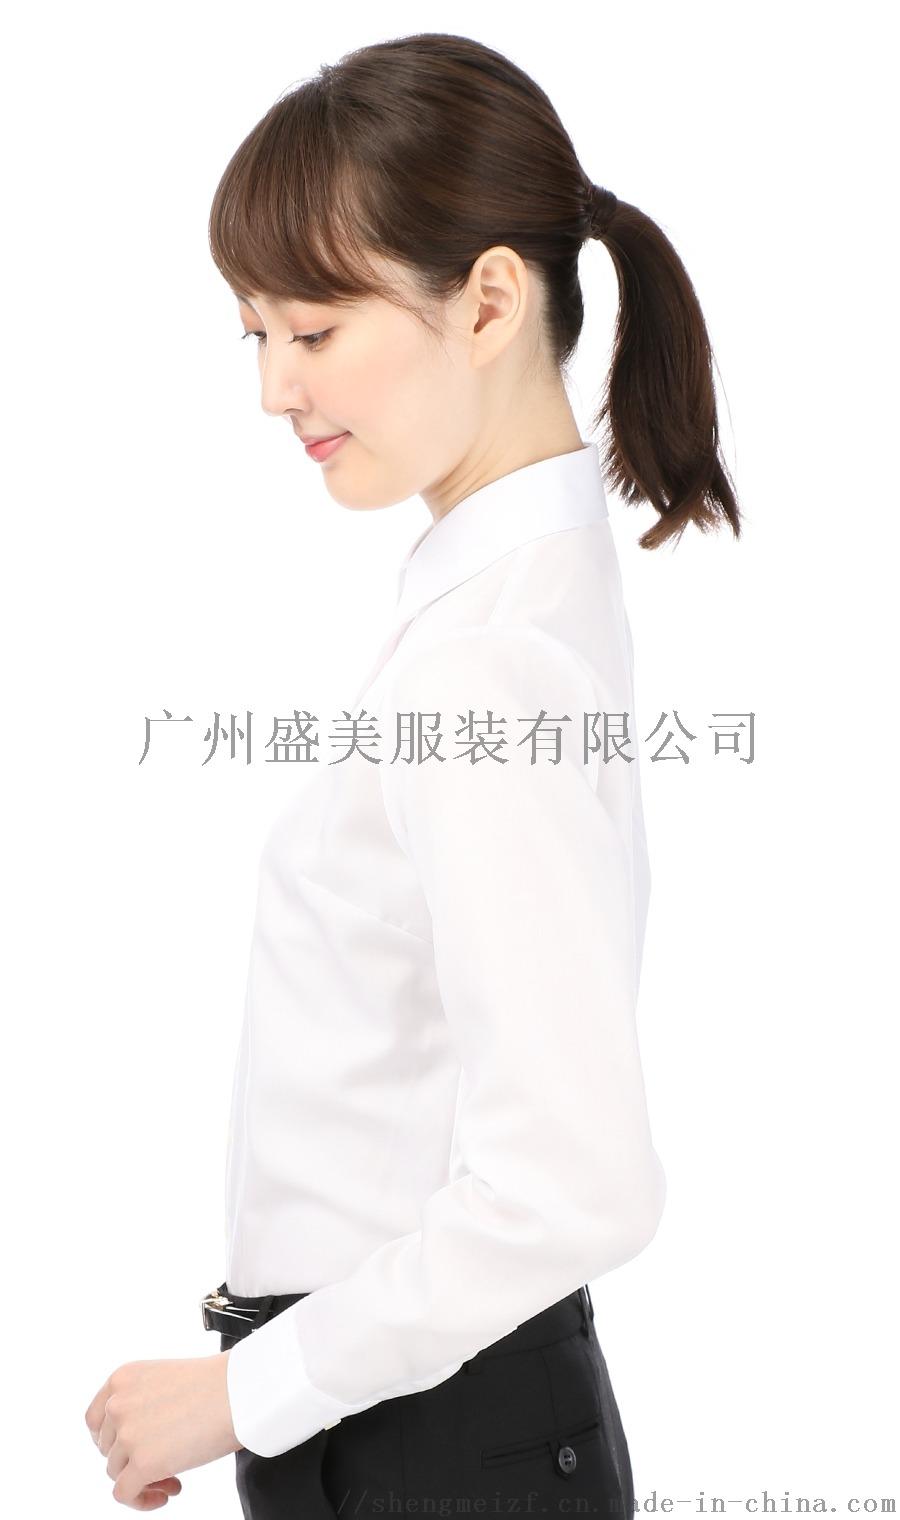 番禺区衬衫定做,钟村员工衬衣定制,绣字衬衫订做60847922